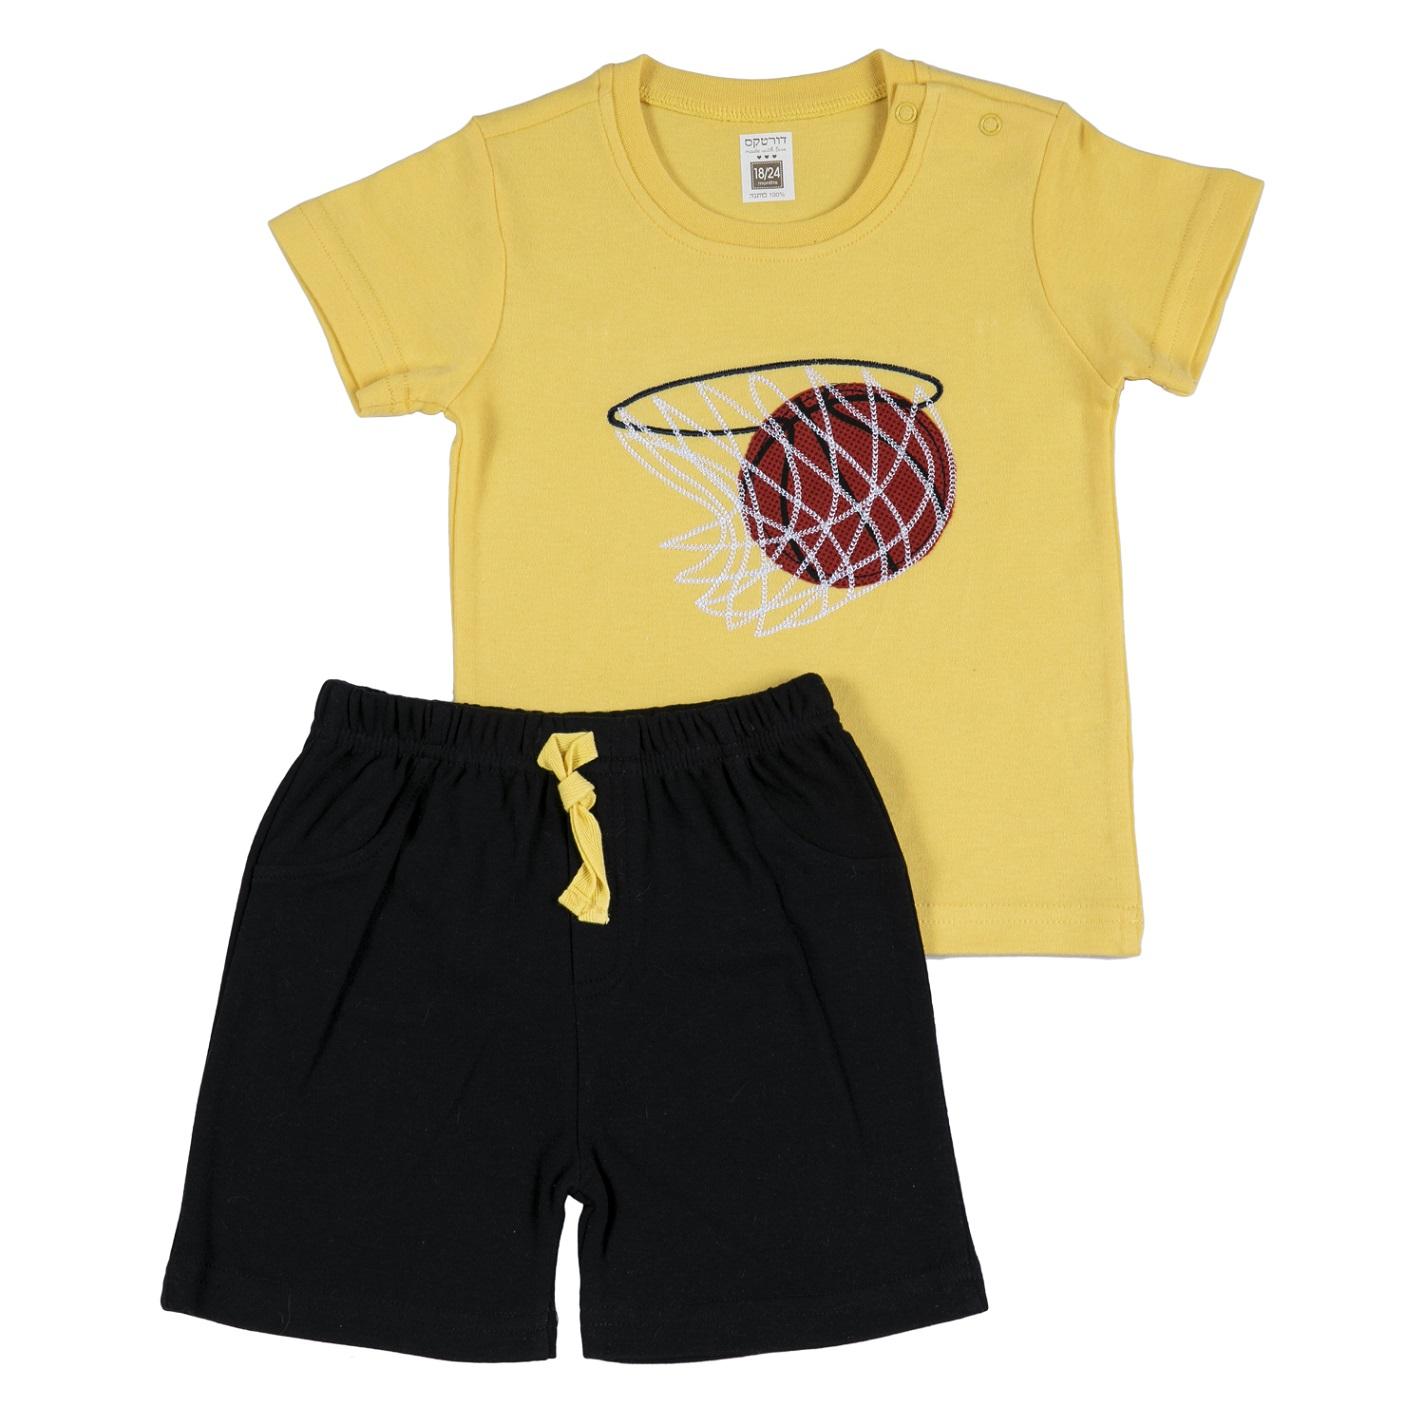 חליפה קצרה הדפס כדורסל צהוב